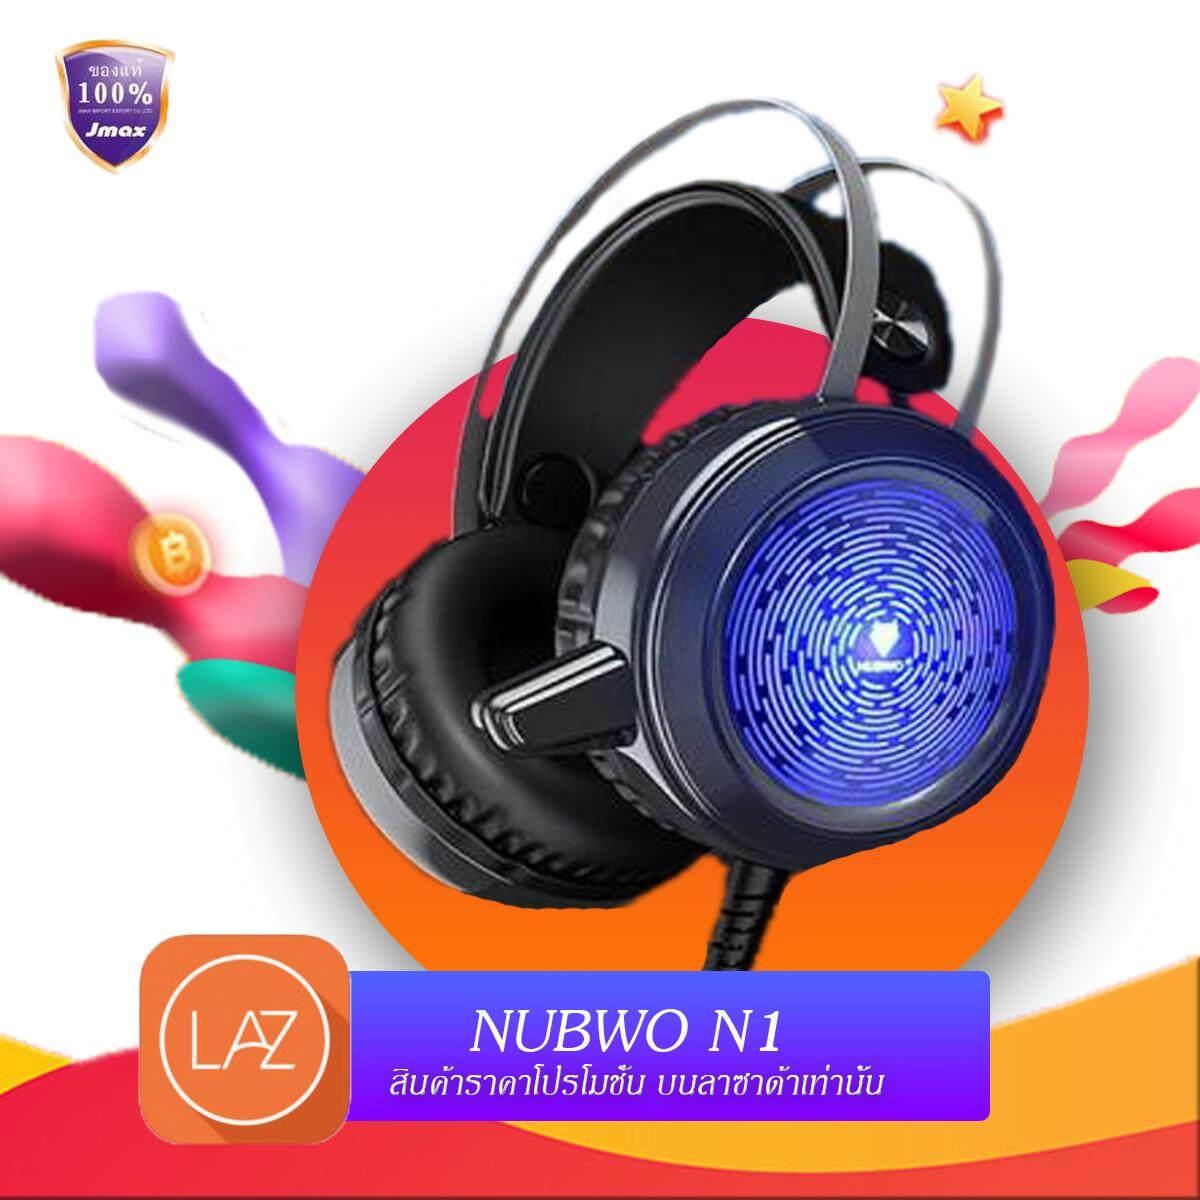 หูฟังเล่นเกมส์ หูฟังเล่นเกม หูฟังเกมมิ่ง Nubwo N1 ครอบนุ้มนุ่ม ใส่สบายมากๆๆ ไฟ Led 7 สี By Headphone Store.